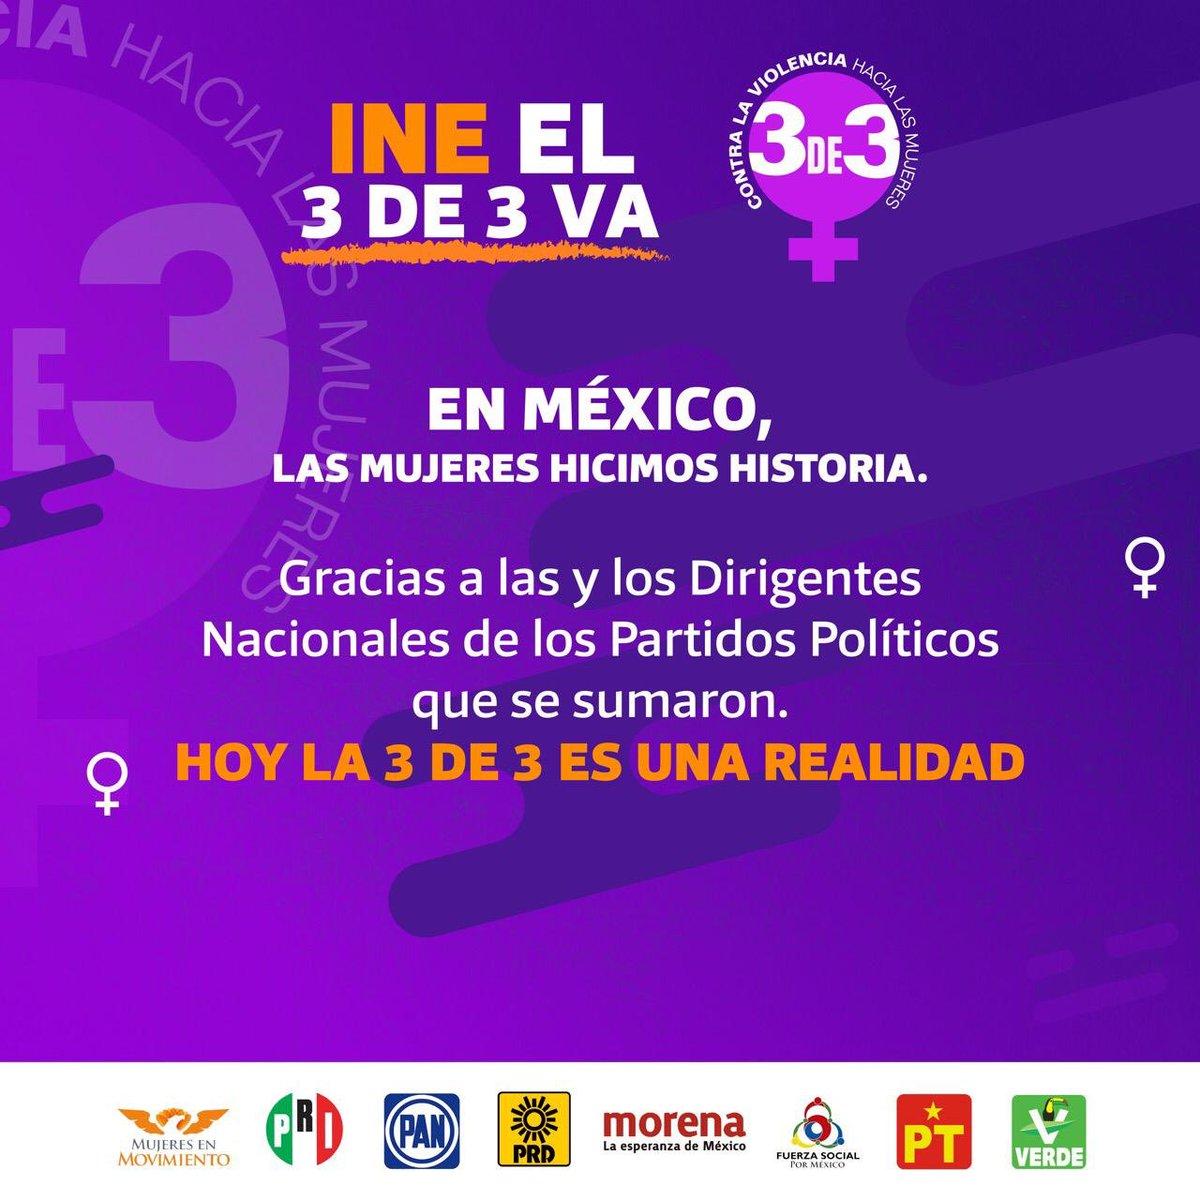 🎉 Gracias por su compromiso. Sin las mujeres, no hay democracia! 🧡💛💙💚❤️🤎💜@jesi_ortega @markocortes @Jesus_ZambranoG  @mario_delgado @markocortes @alitomorenoc @ClementeCH @MonseArcosV @KarenQuirogaA @OnmpriNacional @ONMPRD @MujeresMovMX @MovCiudadanoMX @partidoverdemex https://t.co/jfsfHn2oD4